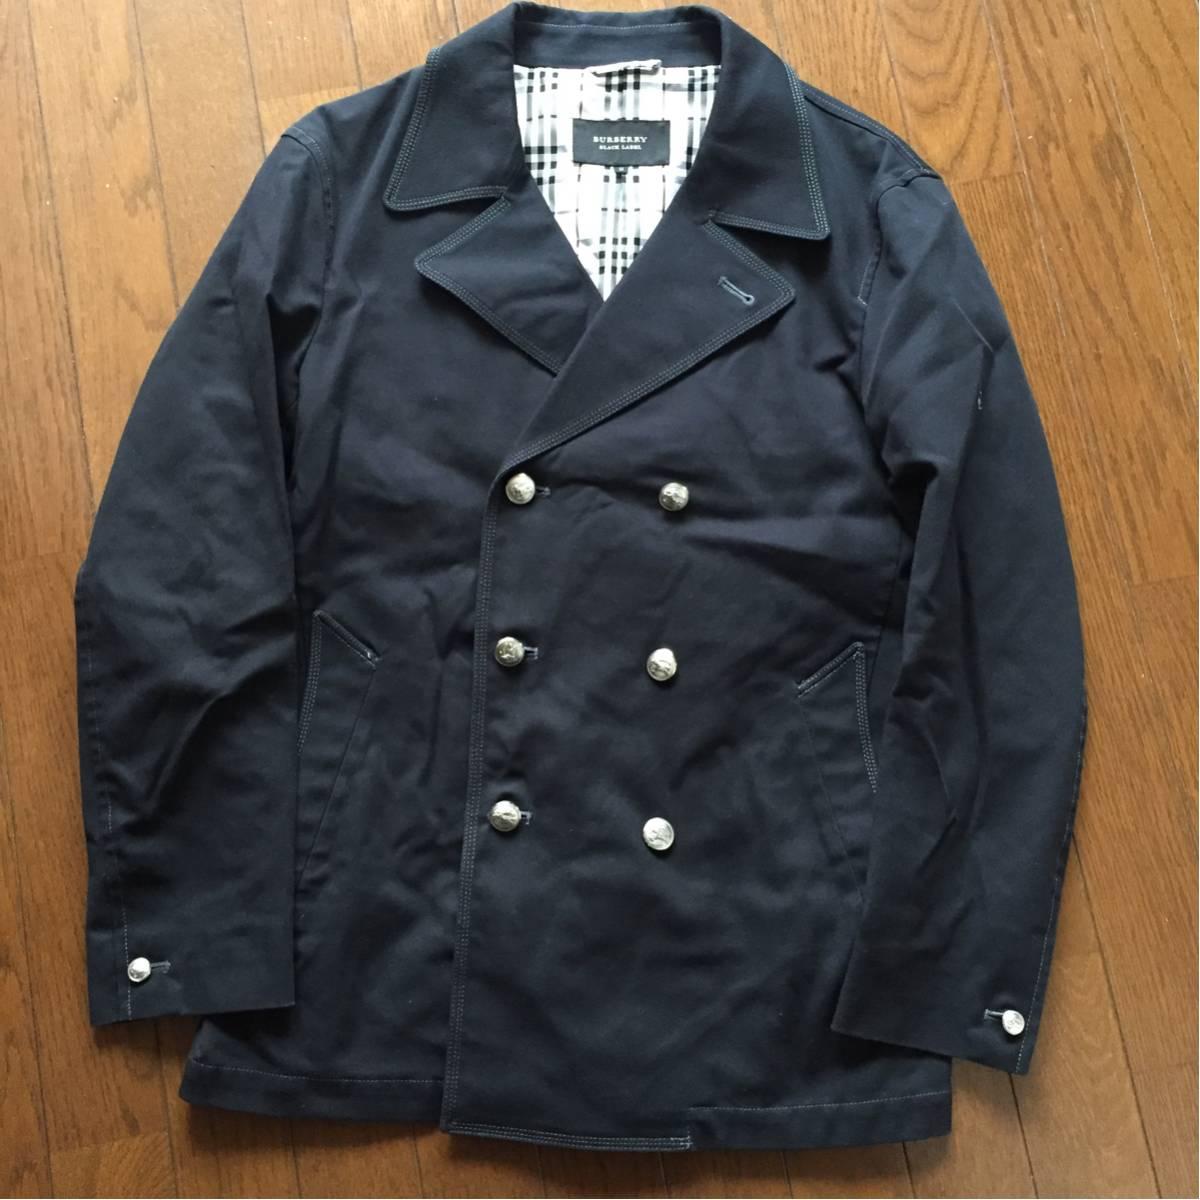 06c4c418f1ed98 バーバリーブラックレーベル pコートの値段と価格推移は?|10件の売買 ...